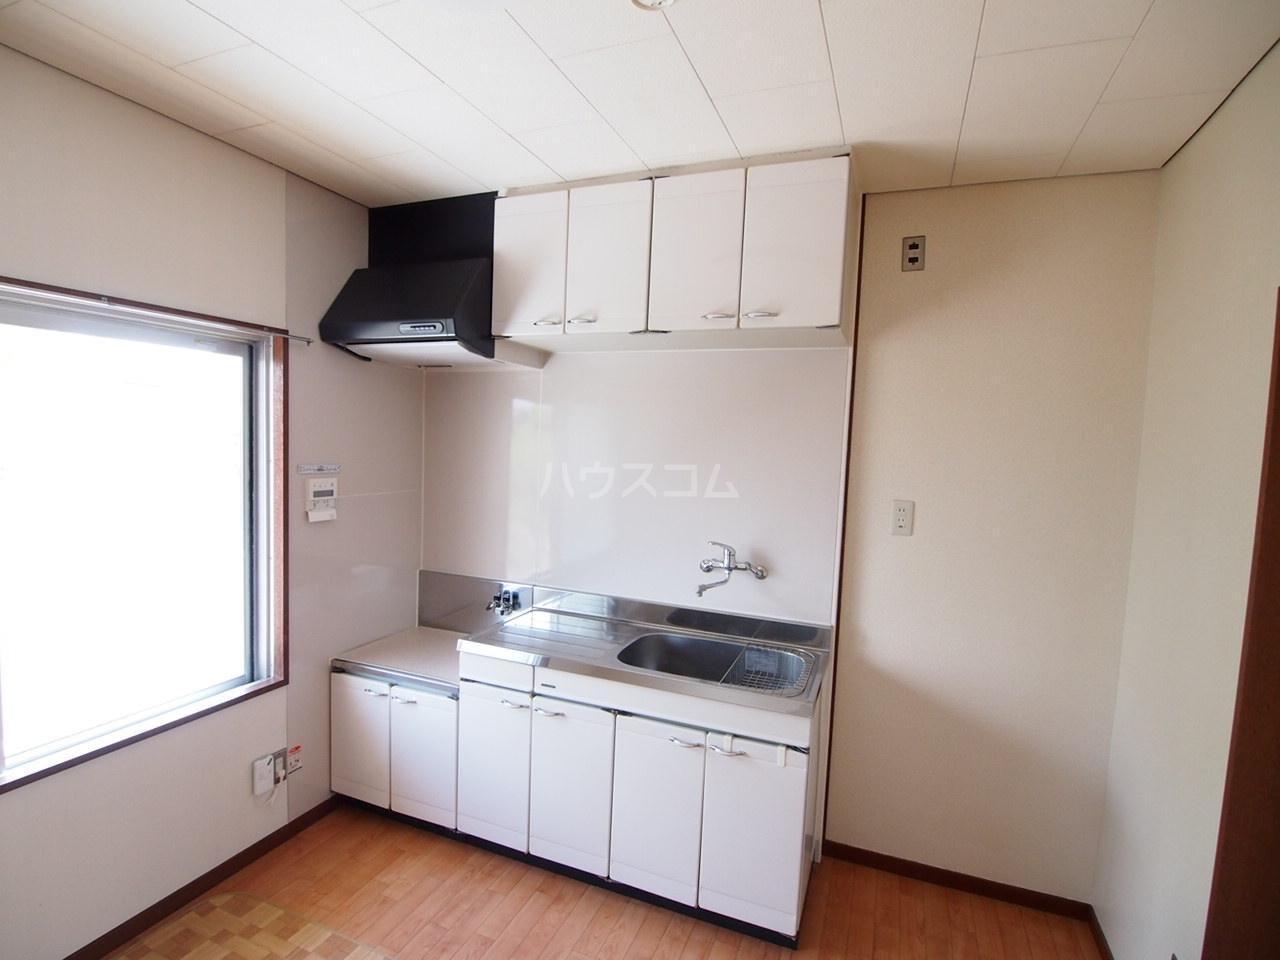 サクラハイツ 201号室のキッチン